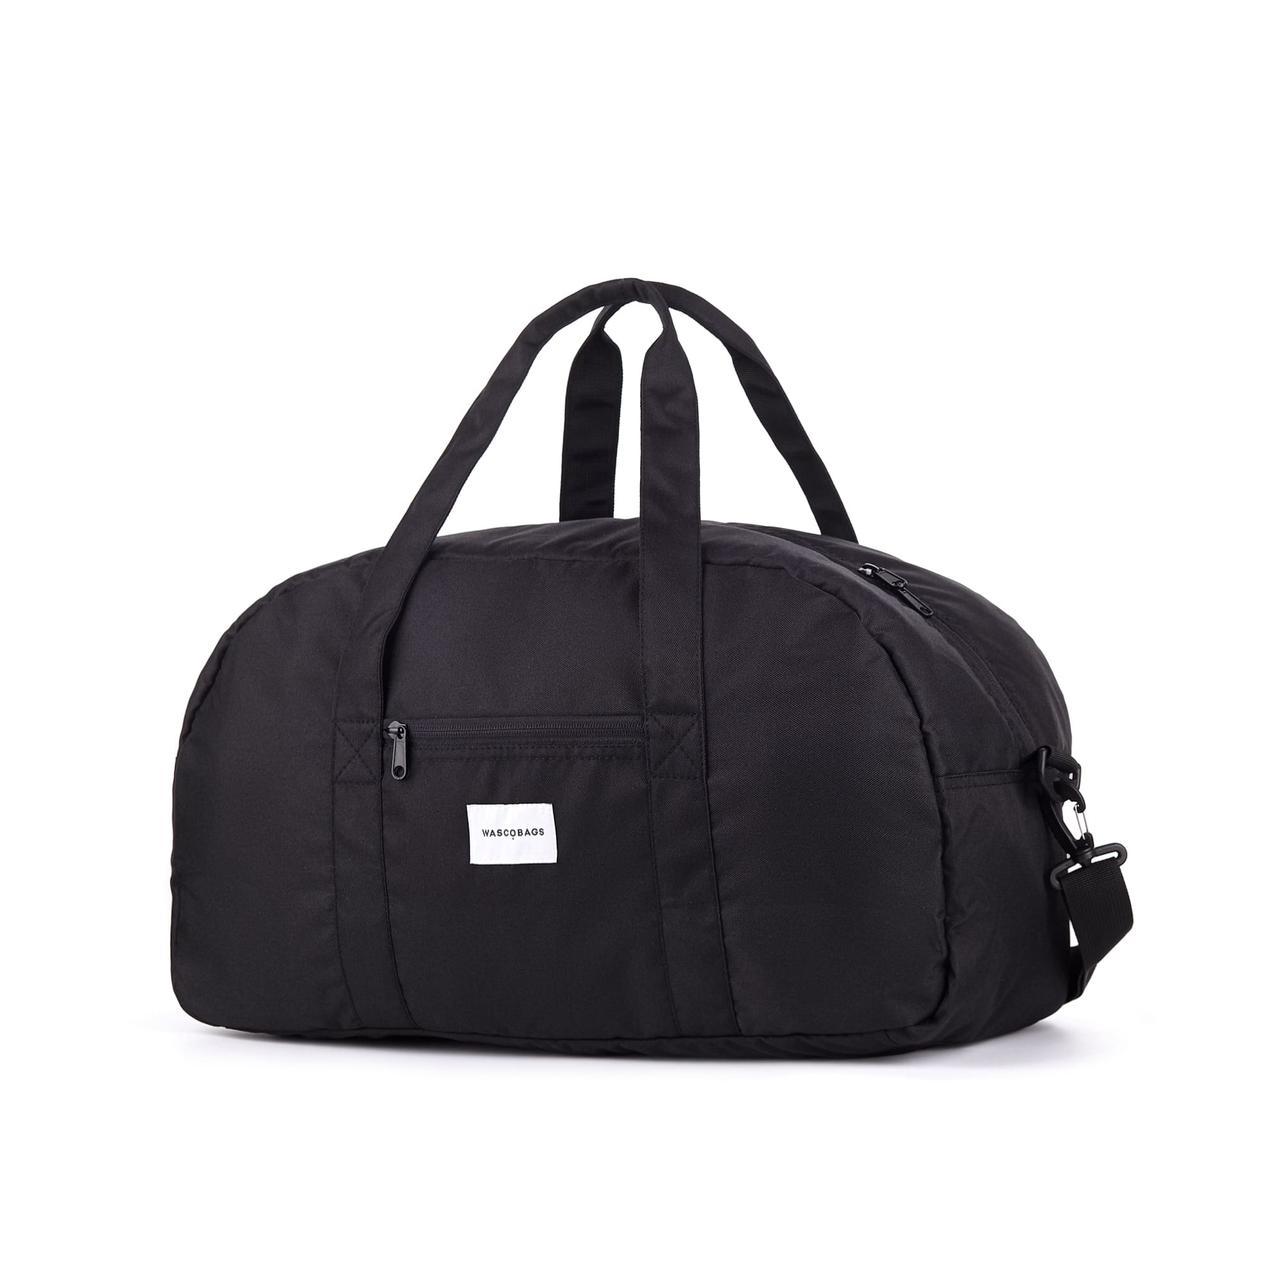 Дорожная сумка Wascobags Vienna Черная (36 L)